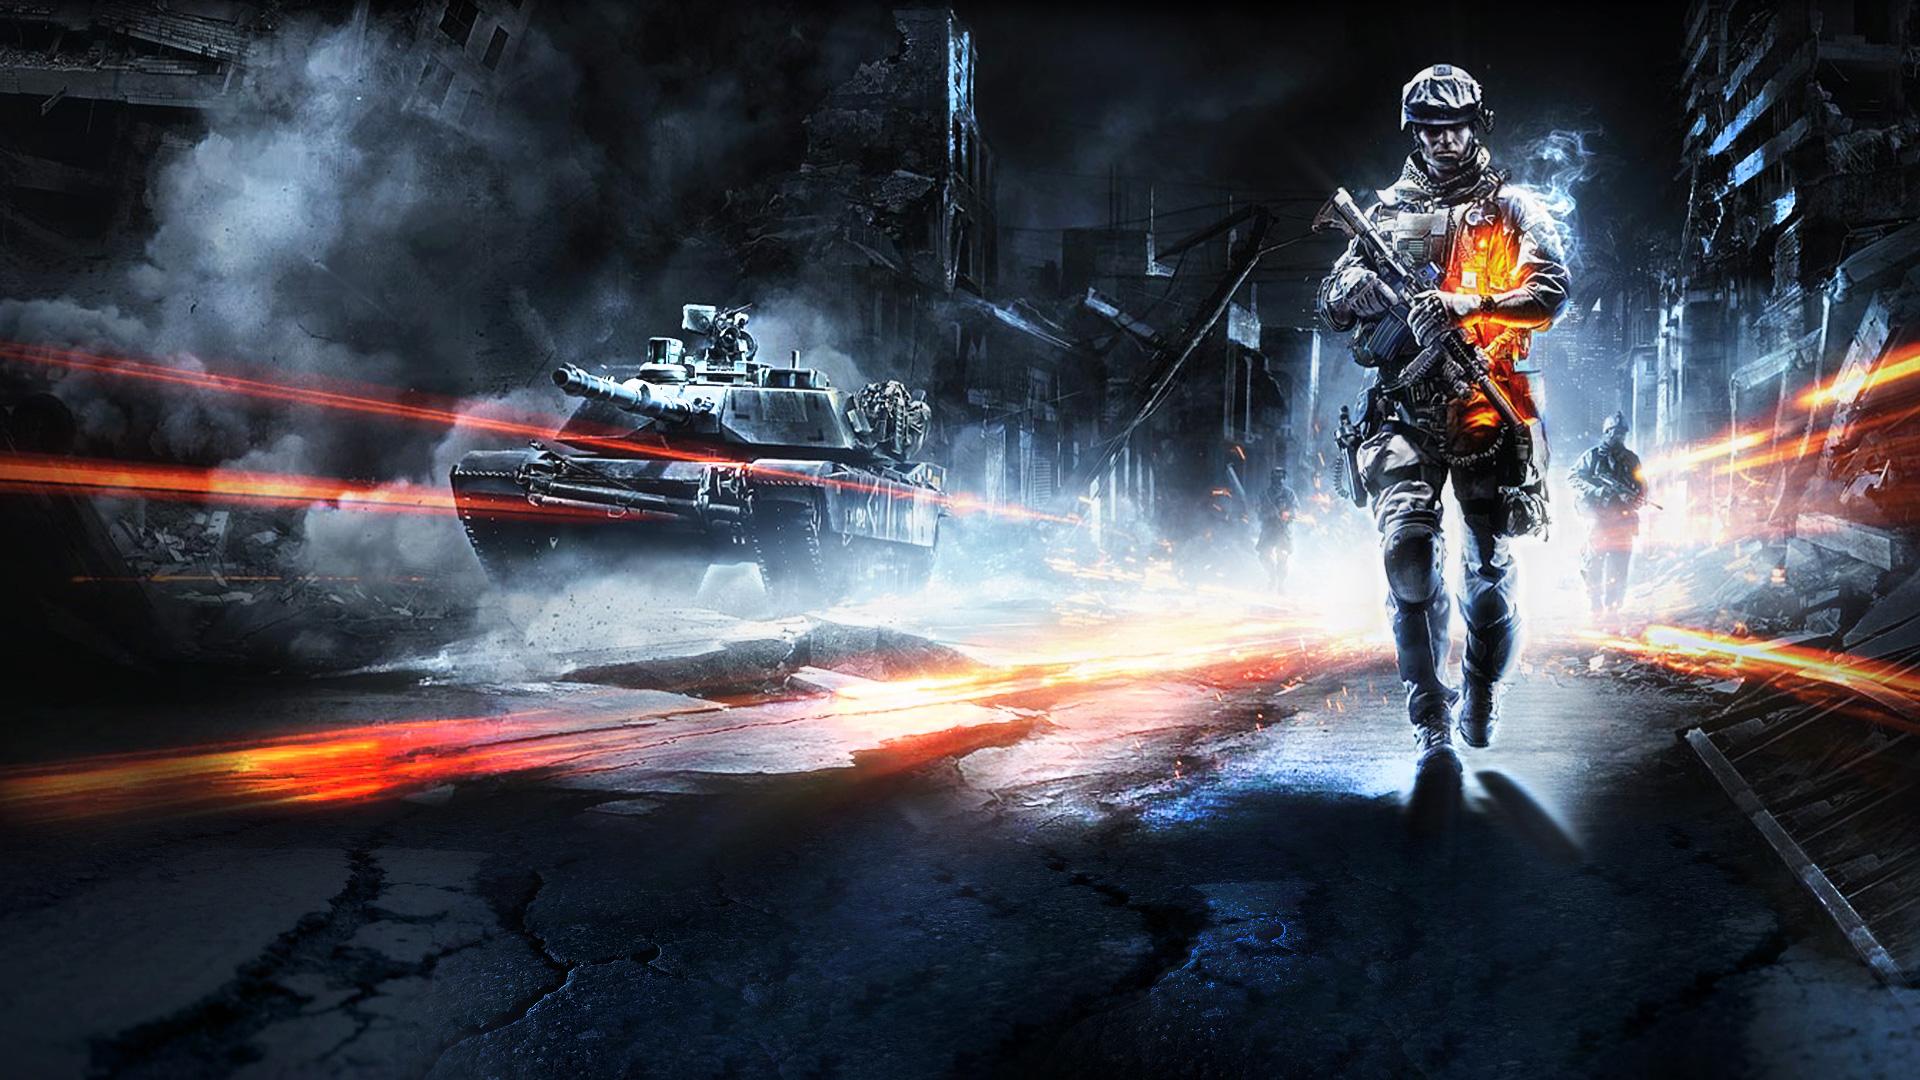 Battlefield 3   1920x1080   169 1920x1080